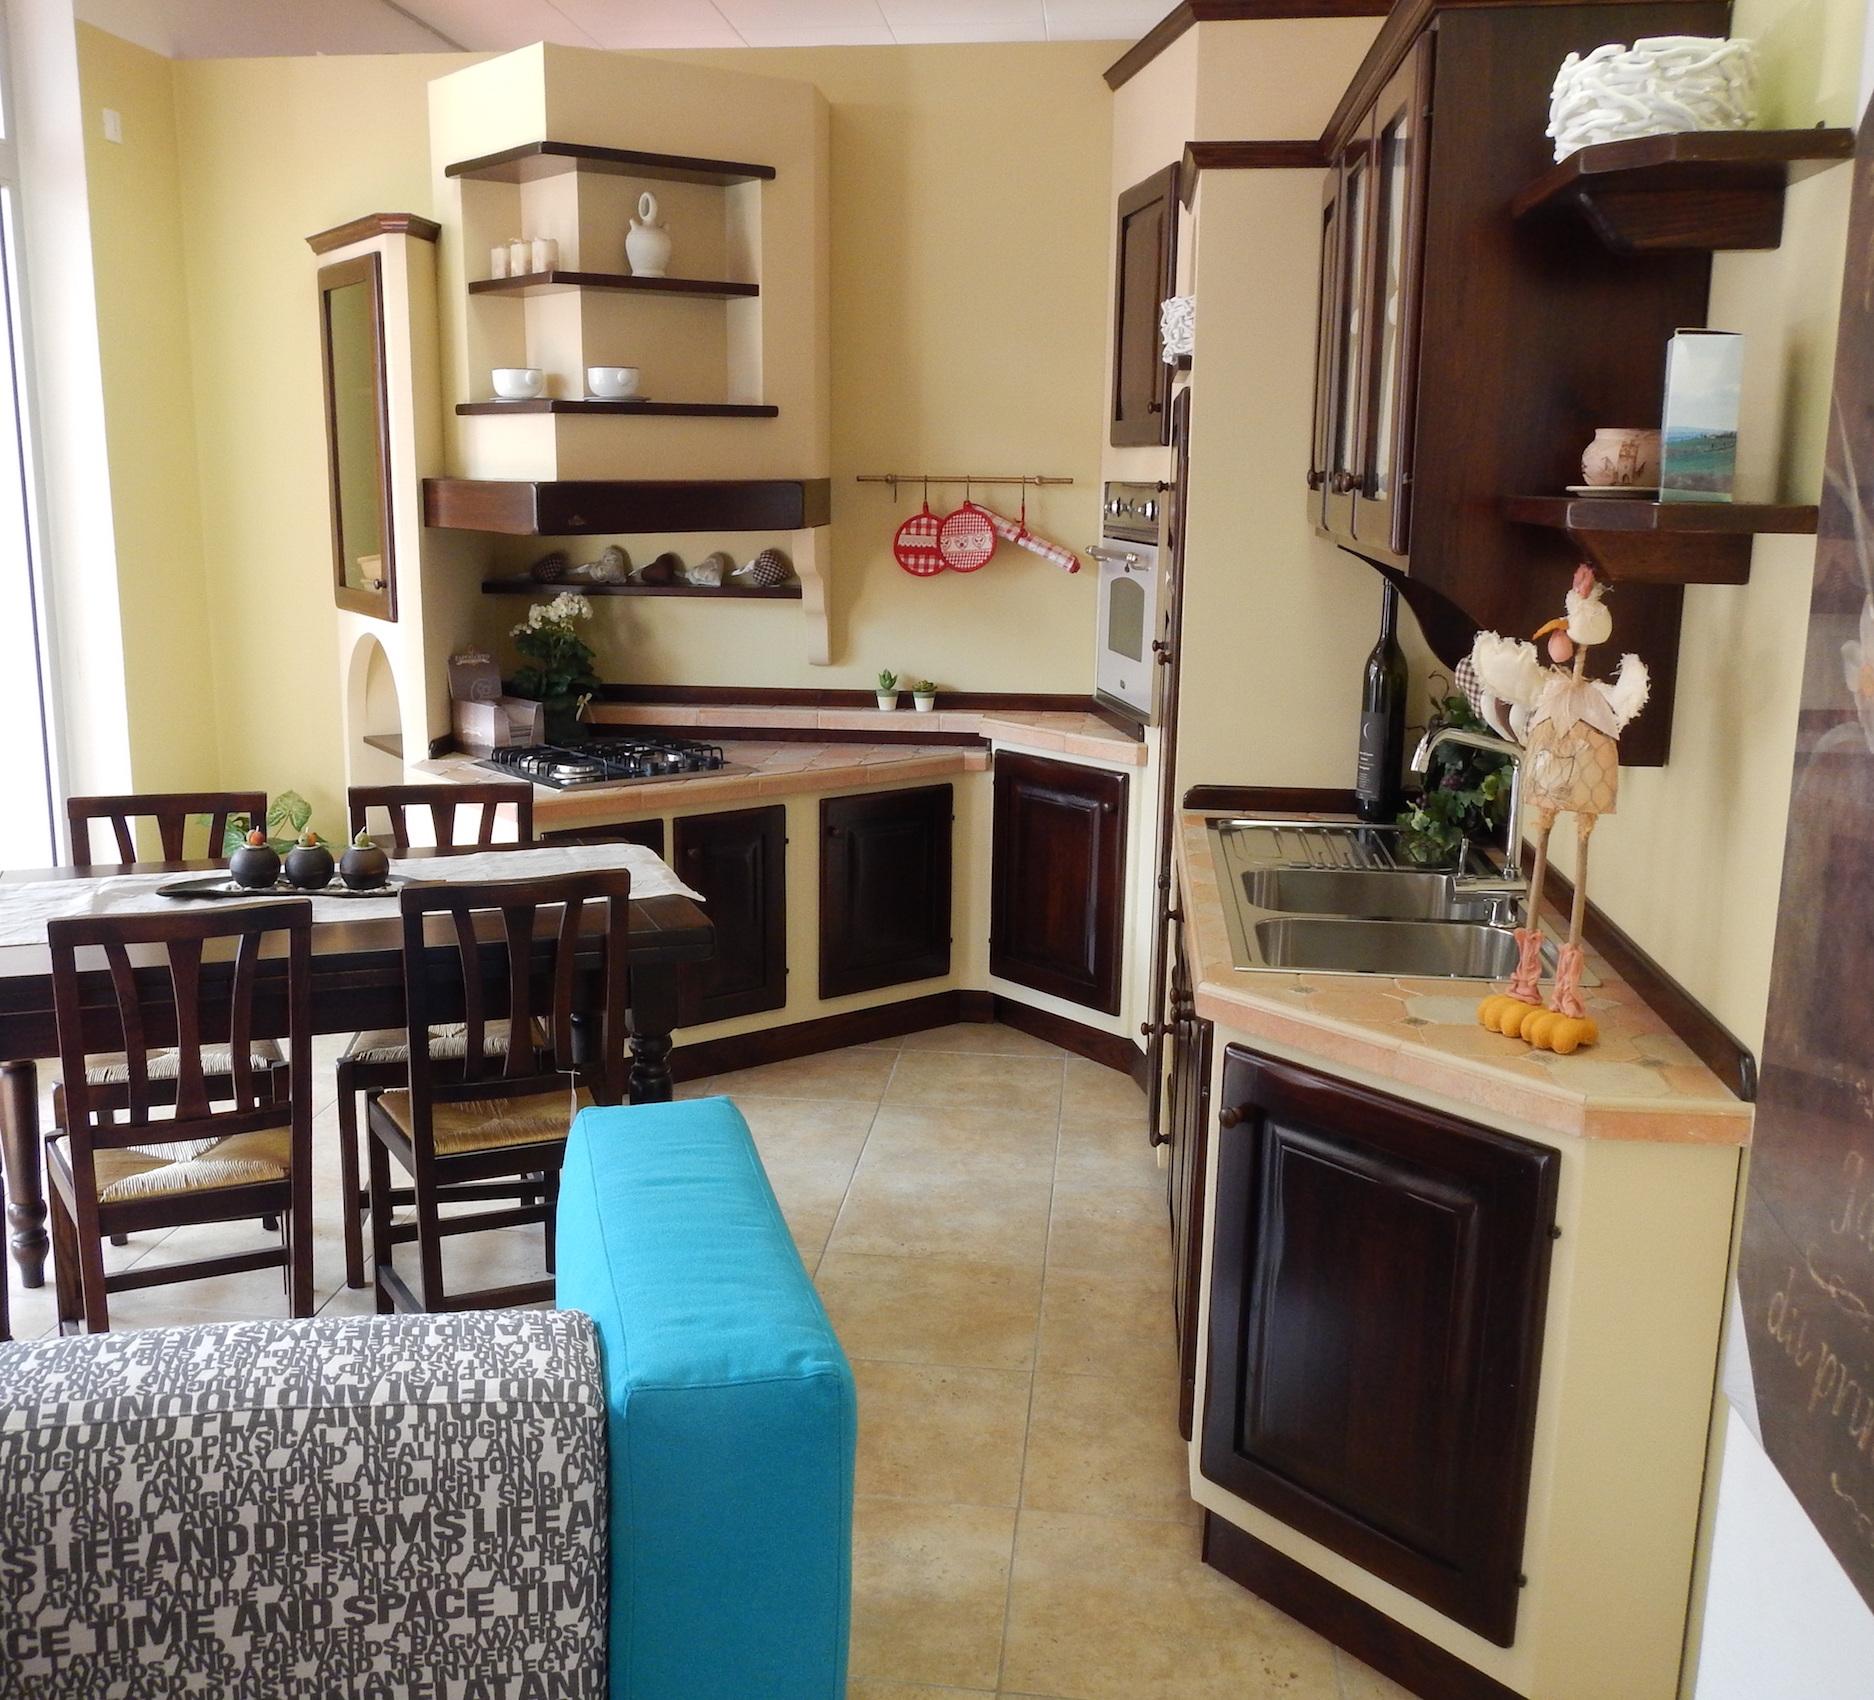 Cucina zappalorto paolina classiche legno cucine a - Zappalorto cucine prezzi ...